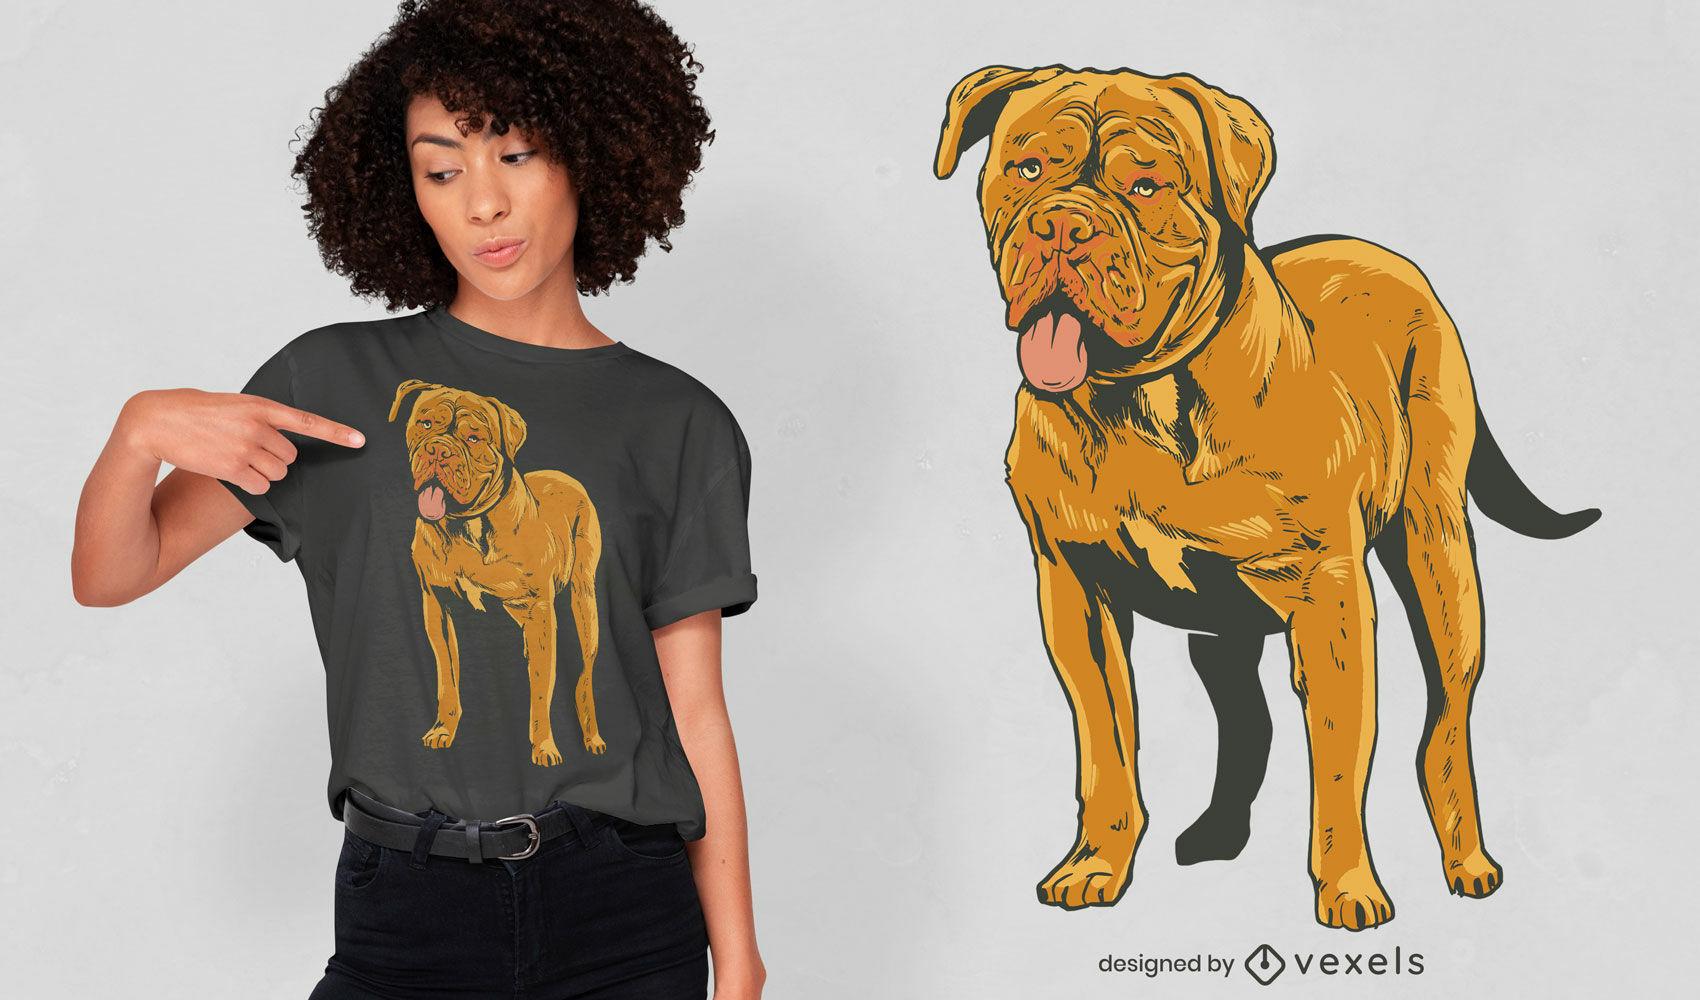 Dise?o de camiseta realista de perro bulldog.